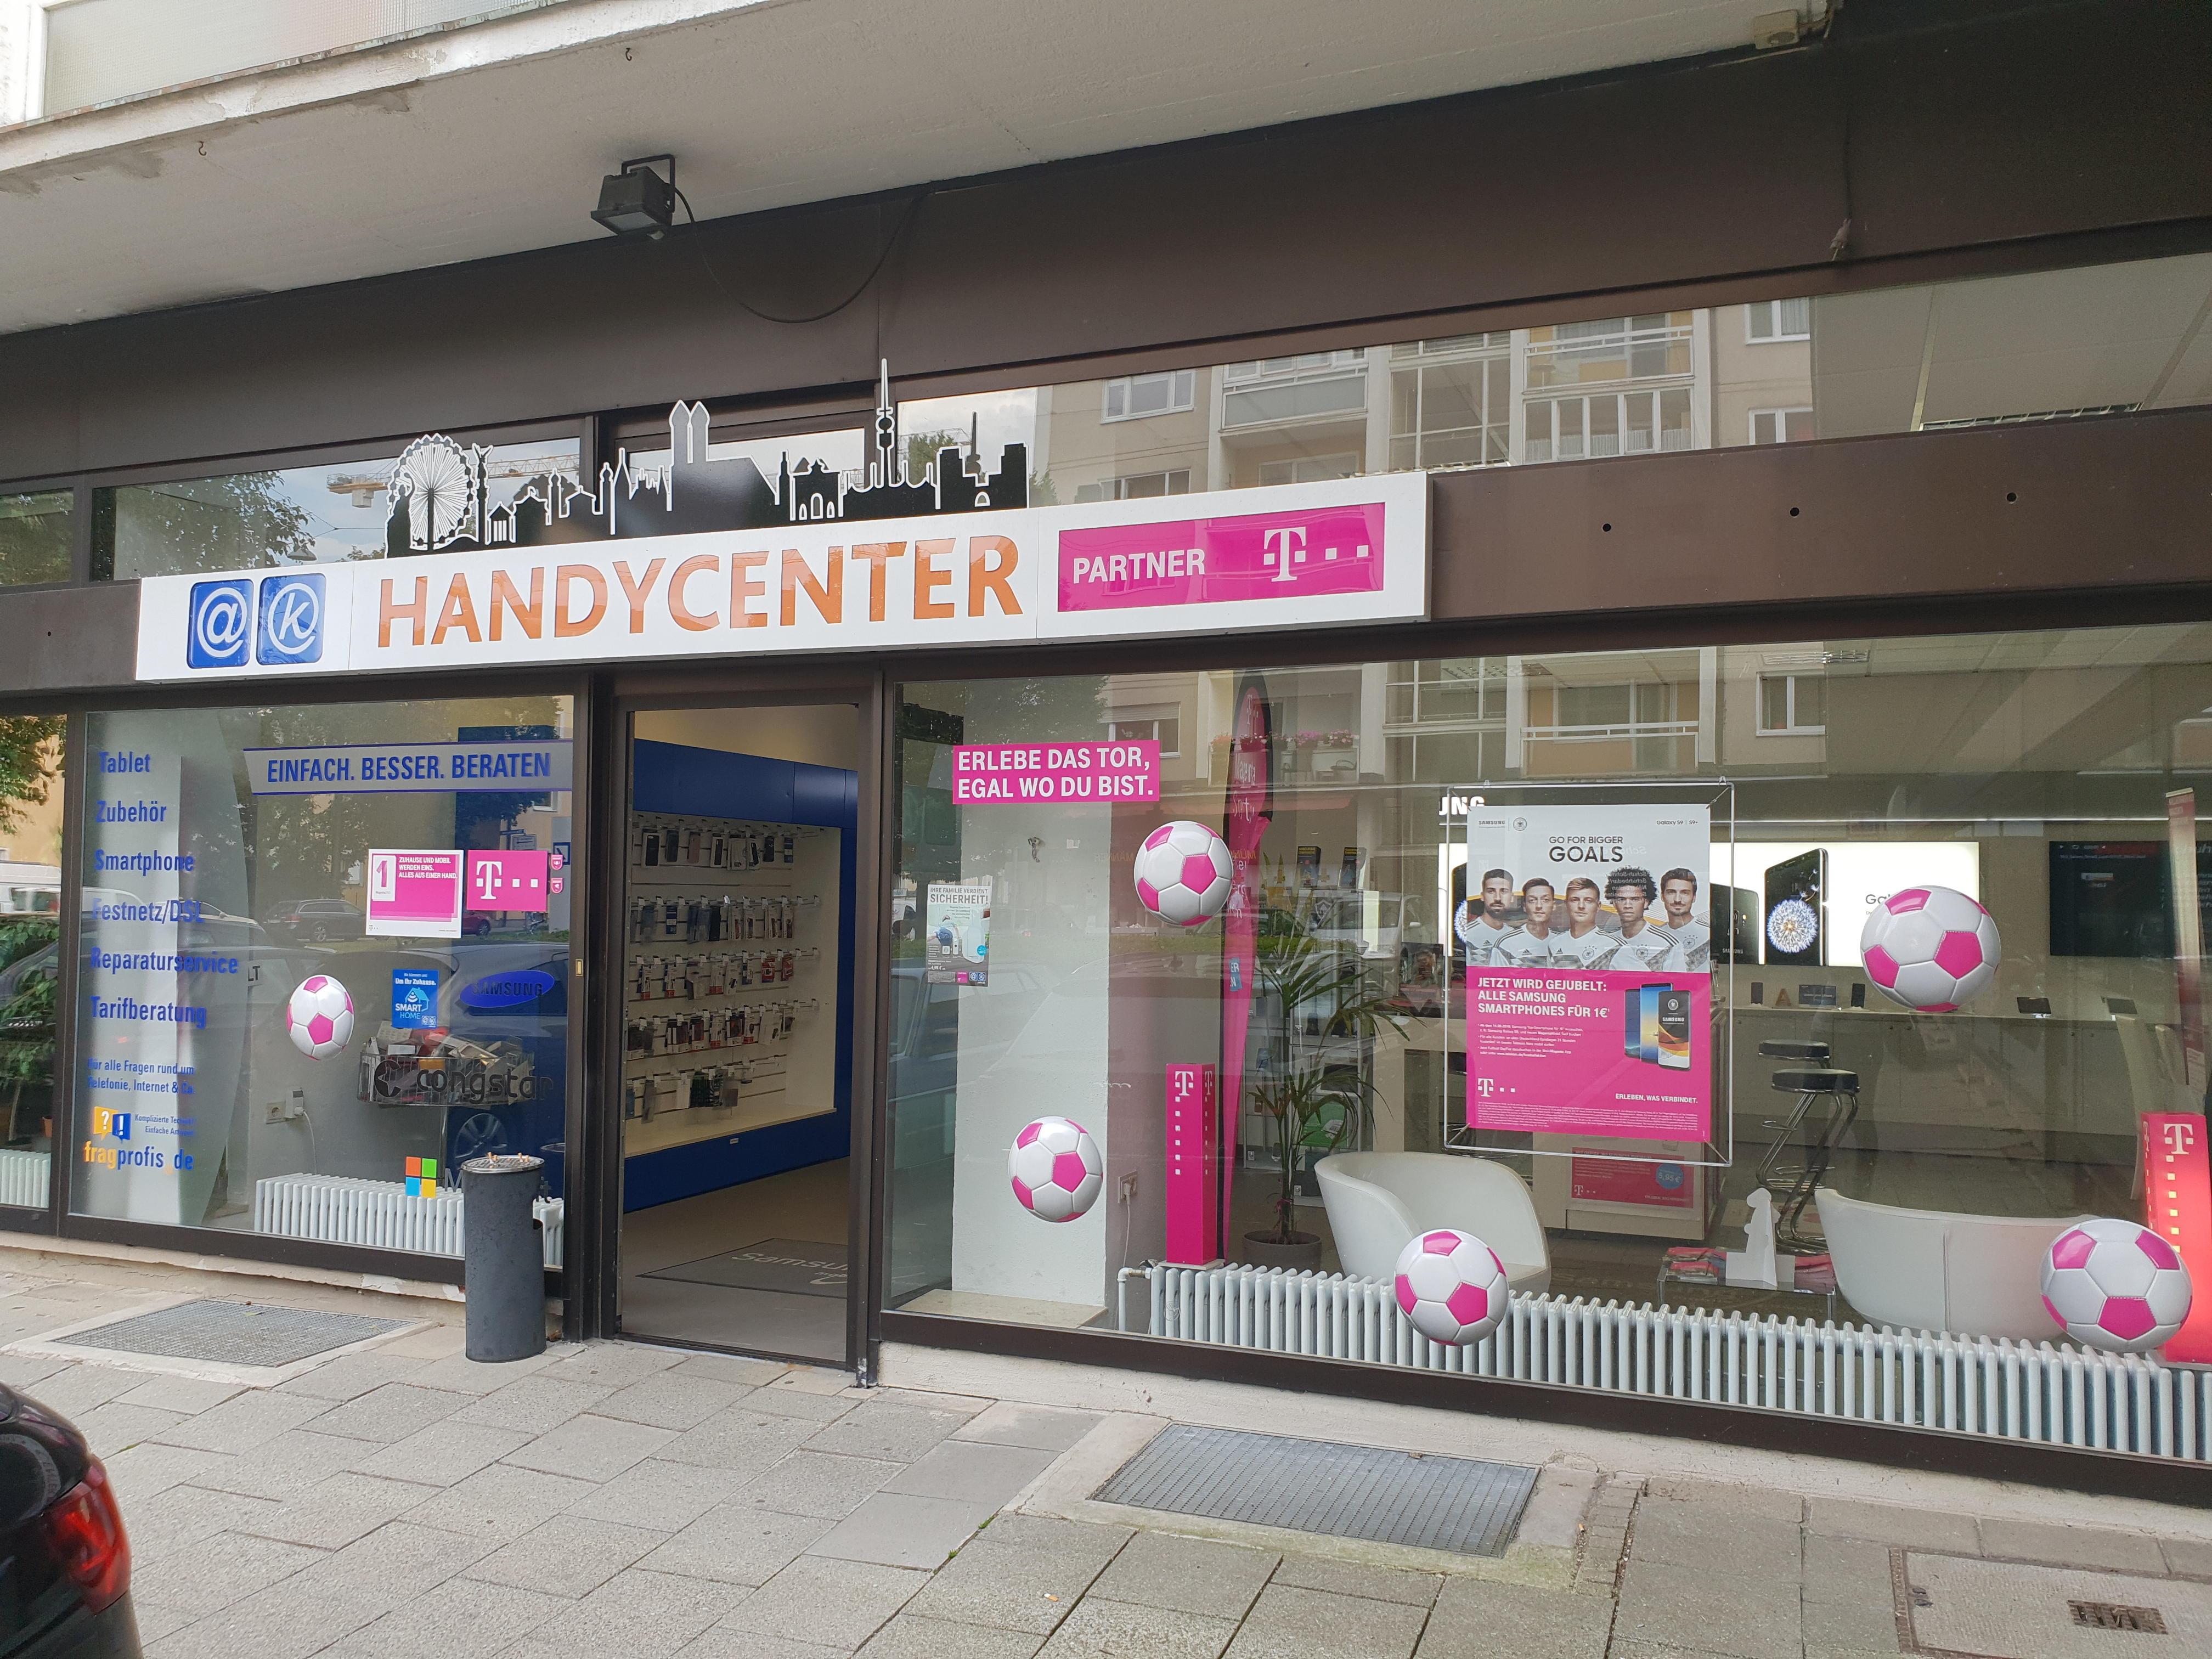 Bild der Telekom Partner Handy-Center München